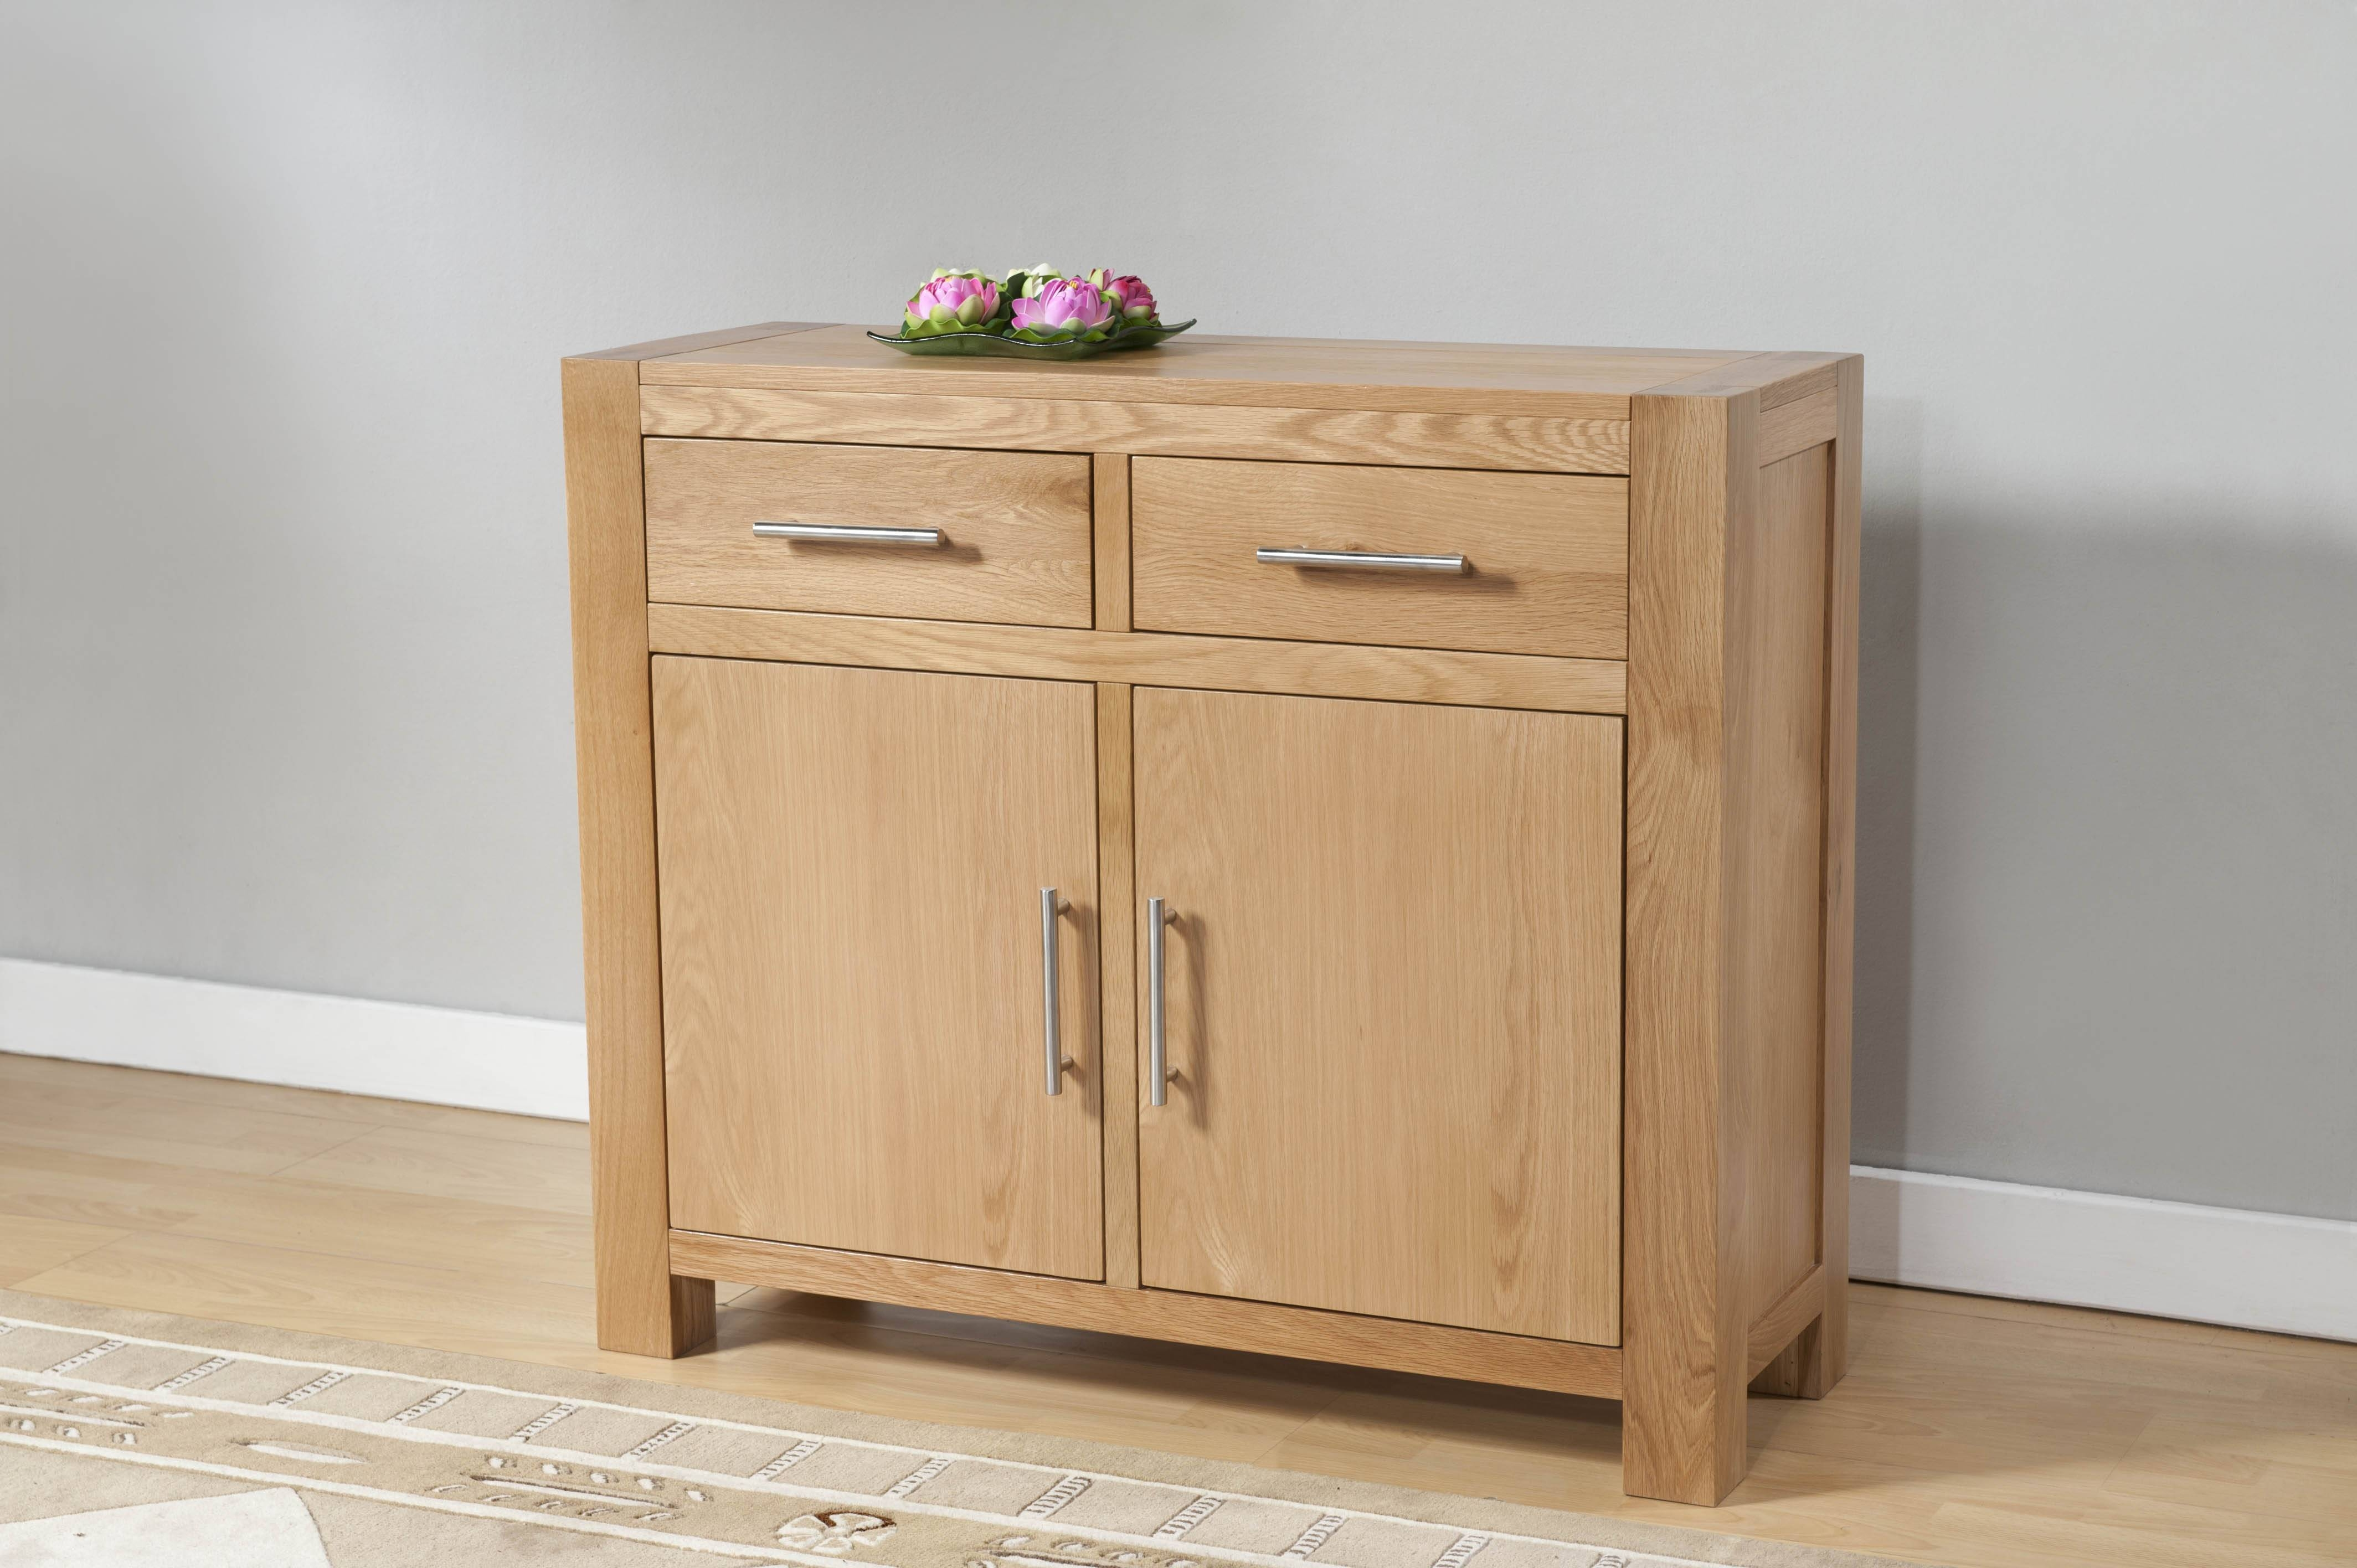 Milano Oak 2 Door 2 Drawer Small Sideboard   Oak Furniture Solutions In Light Oak Sideboards (View 8 of 20)